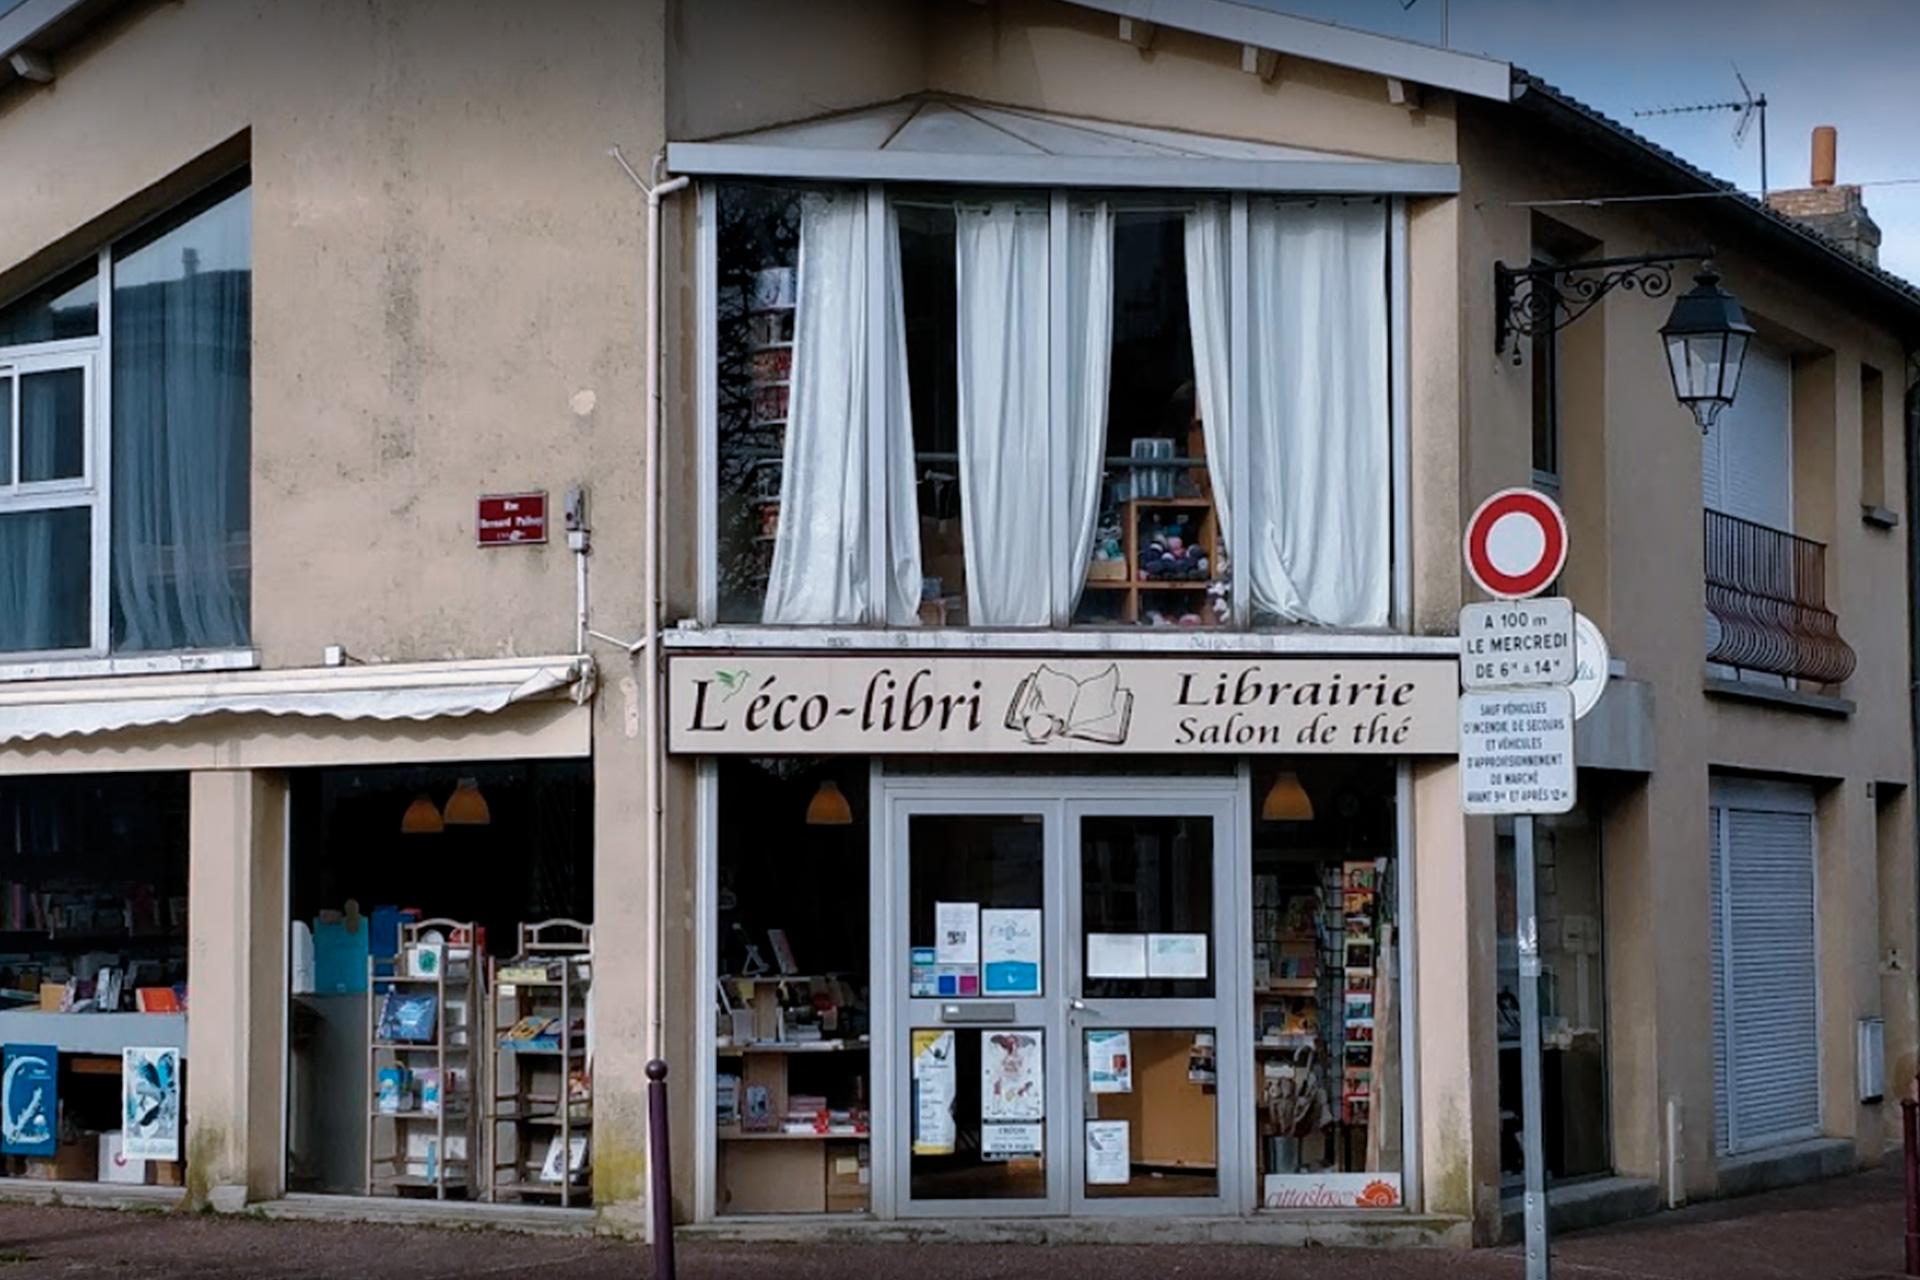 Nous sommes attachés depuis un certain temps à mettre en lumière le travail passionné de libraires et éditeurs locaux et / ou indépendants. Cette année, l'Éco-Libri, librairie générale et salon de thé basé à Créon, nous proposera une sélection d'ouvrages durant les deux jours du festival.